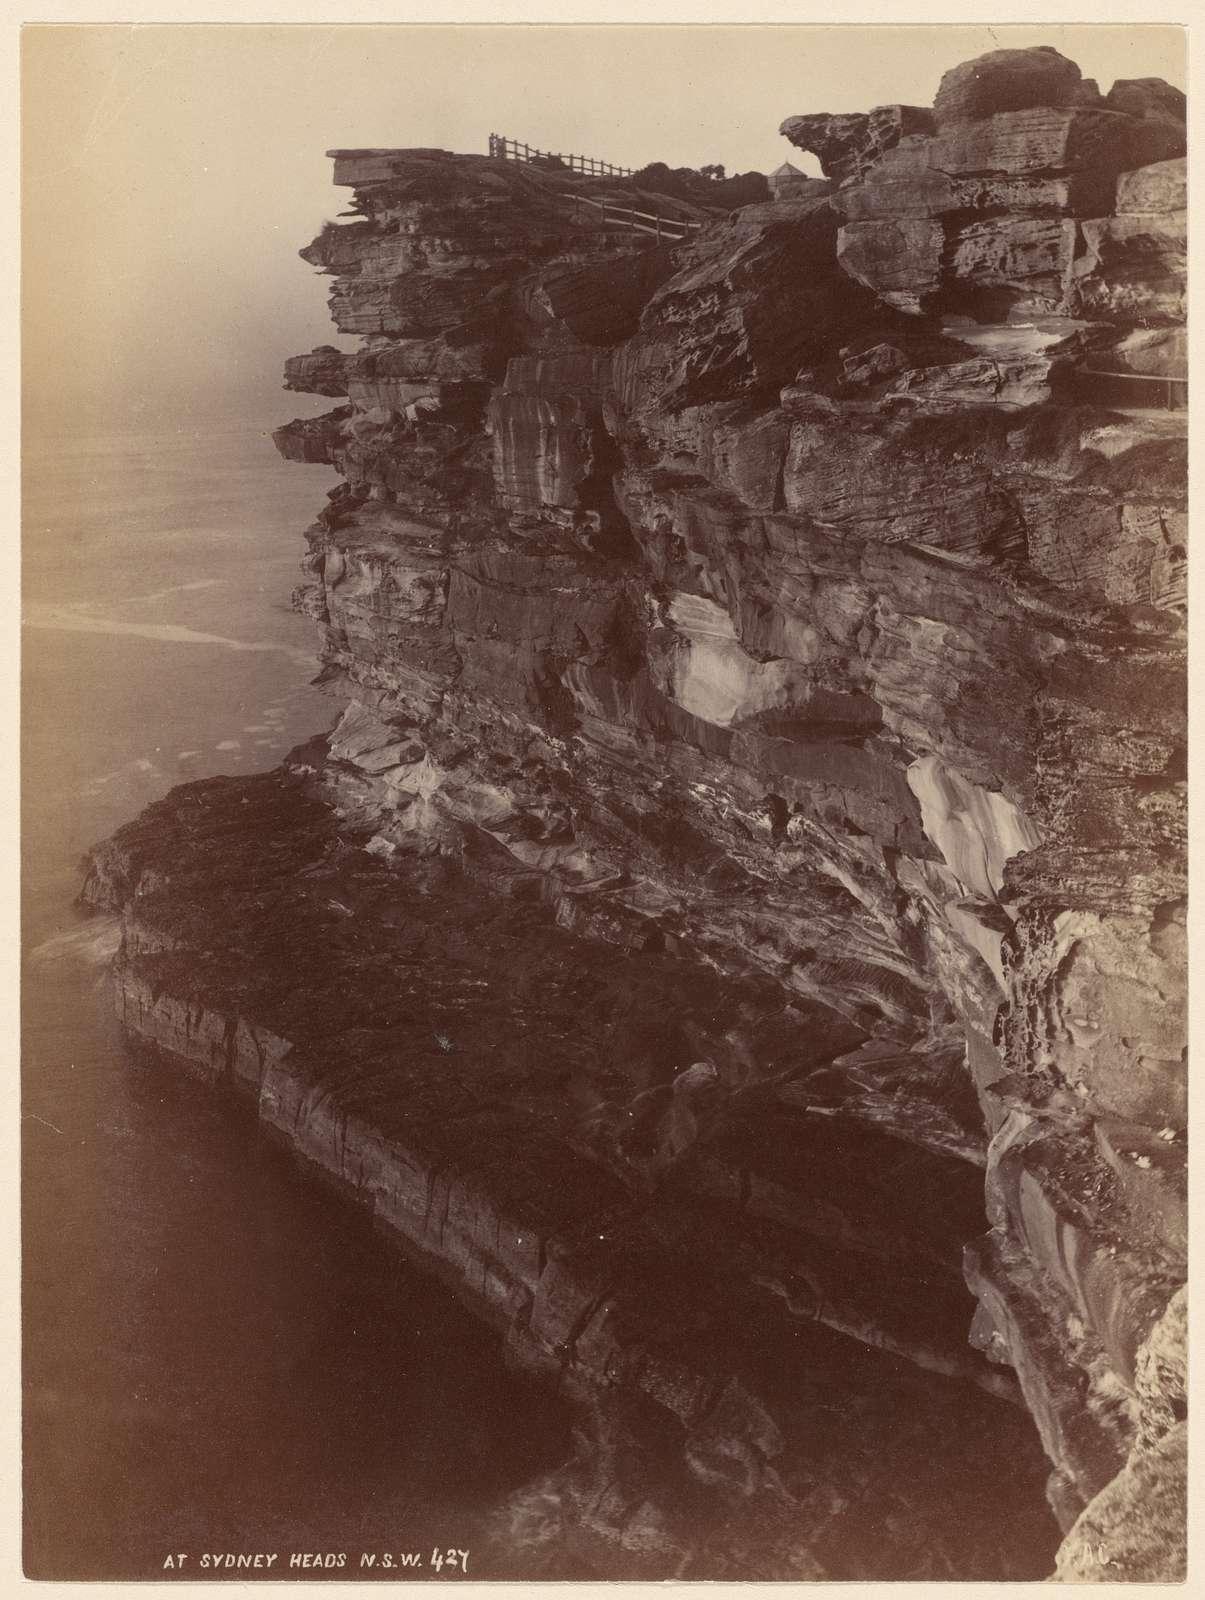 At Sydney Heads, N. S. W.